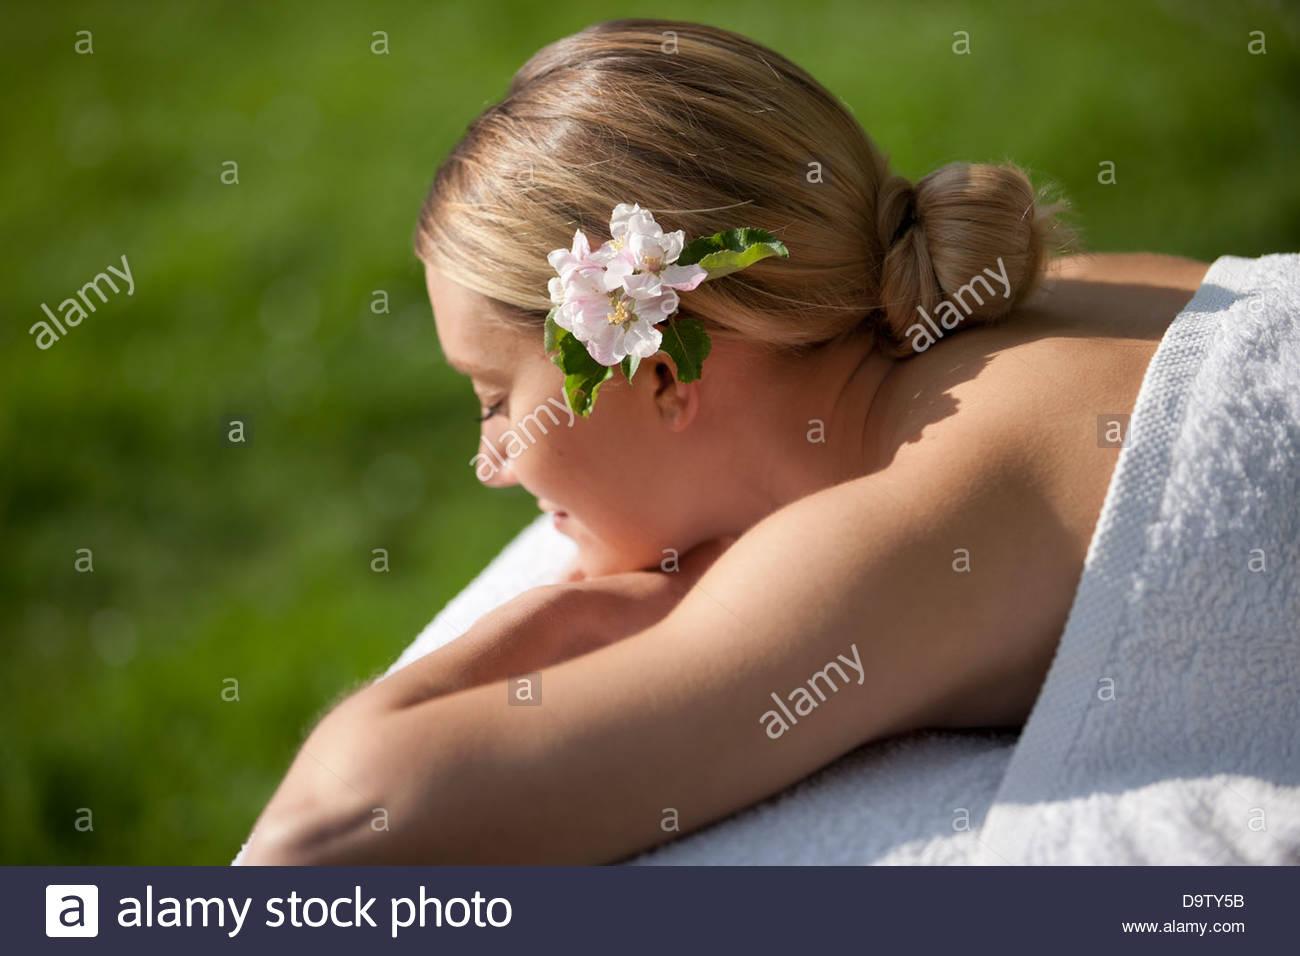 Eine junge Frau auf einem Massagetisch mit Apfelblüte im Haar, Augen geschlossen Stockbild